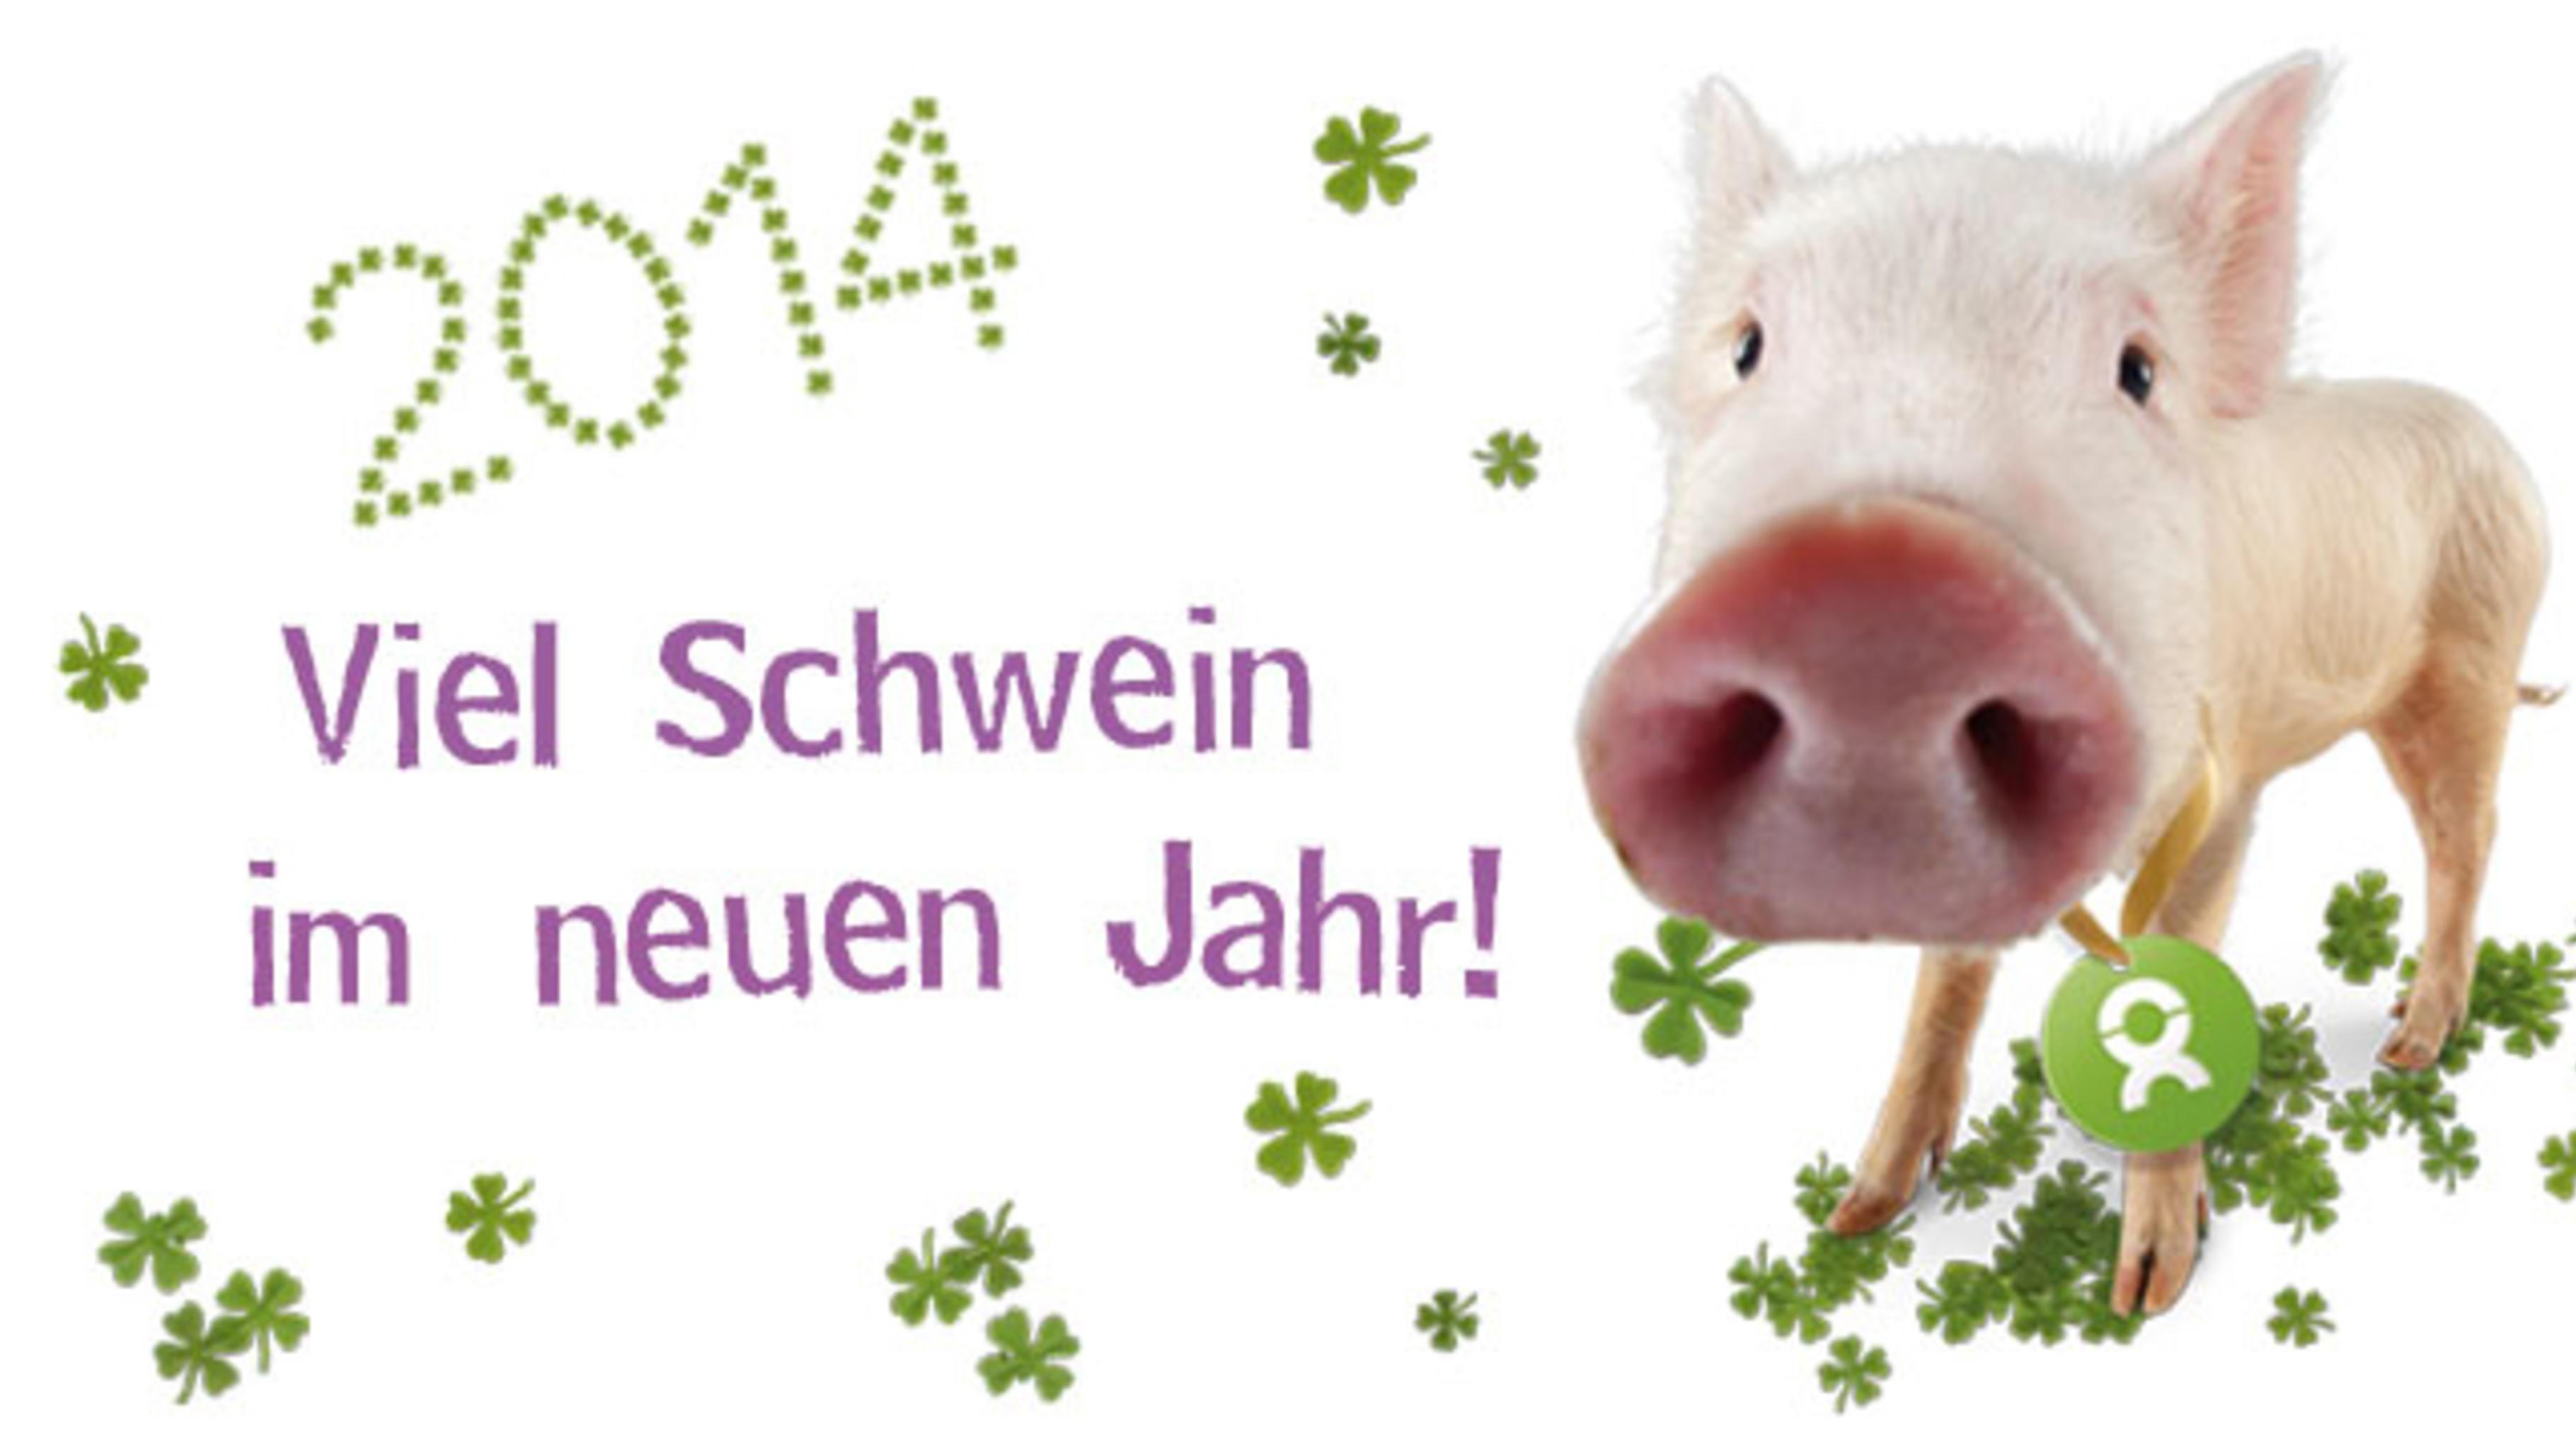 2014: Viel Schwein im neuen Jahr!